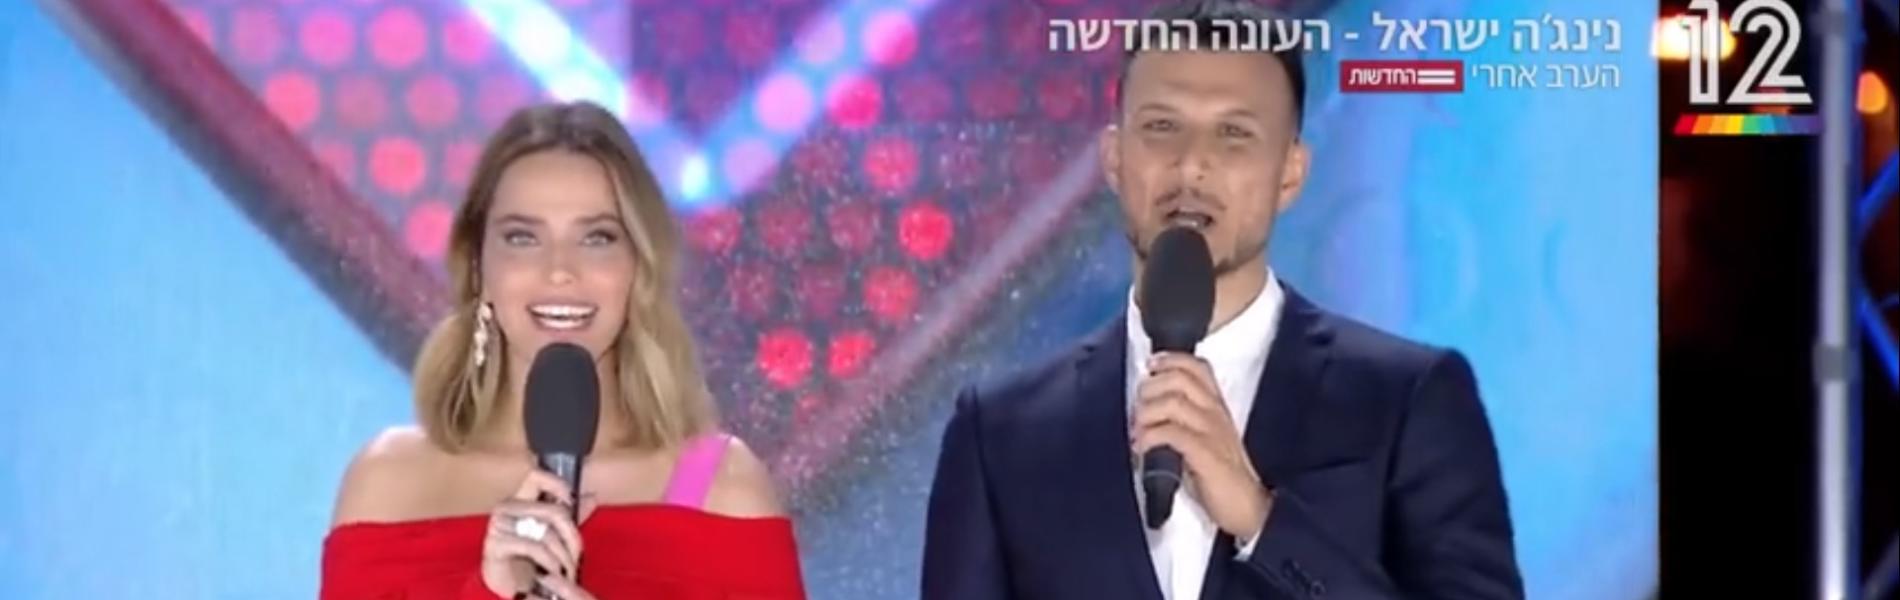 סיפור מכור: למה אין סיכוי שנשים יעפילו לגמר נינג'ה ישראל?